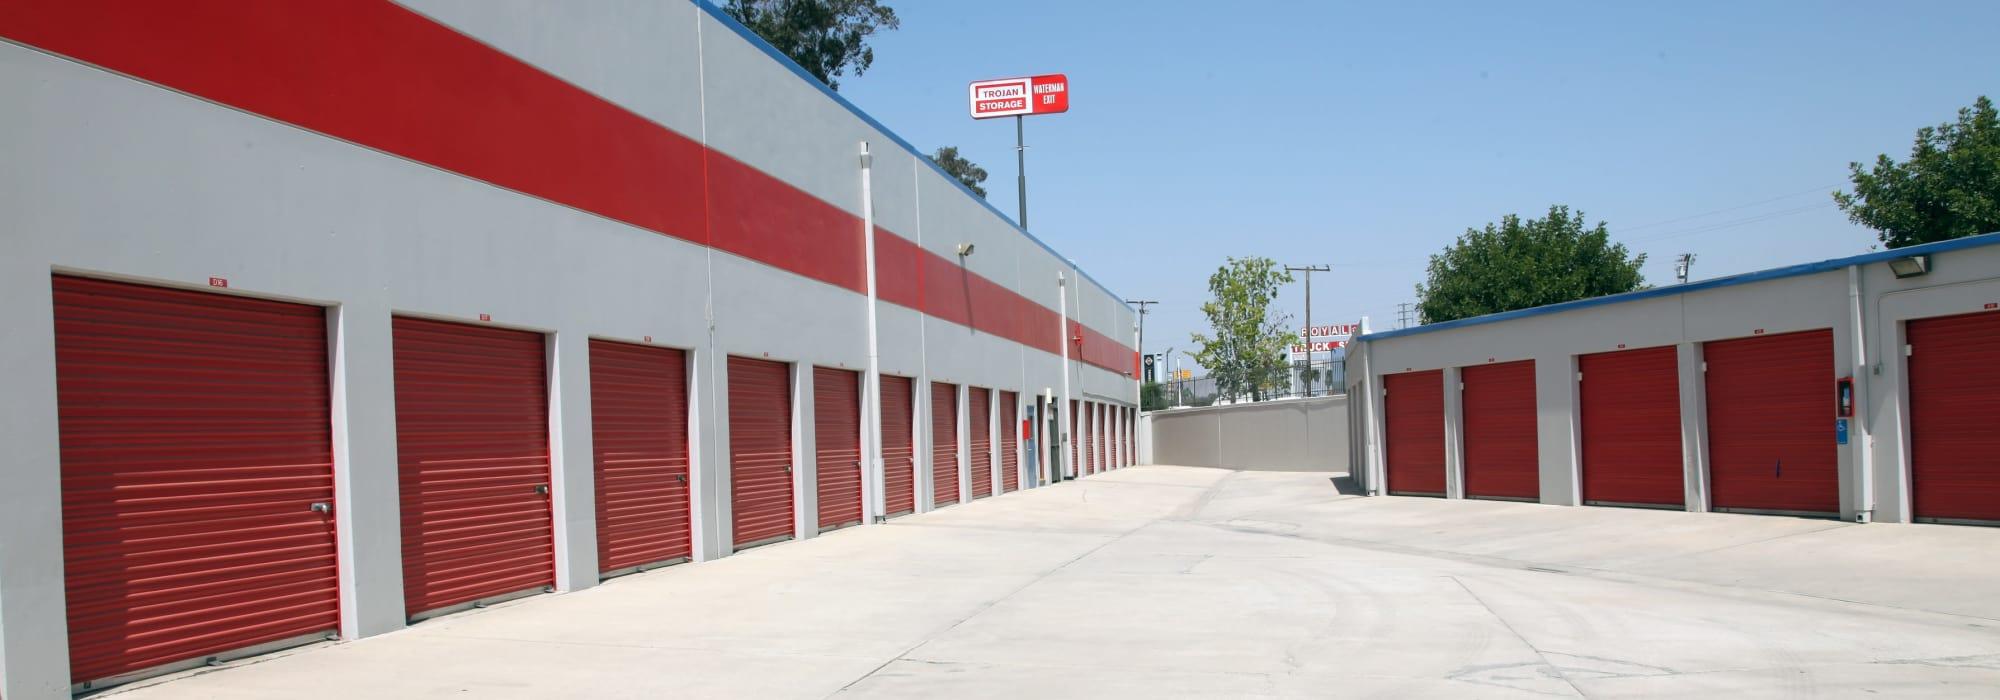 Self storage at Trojan Storage in Colton California